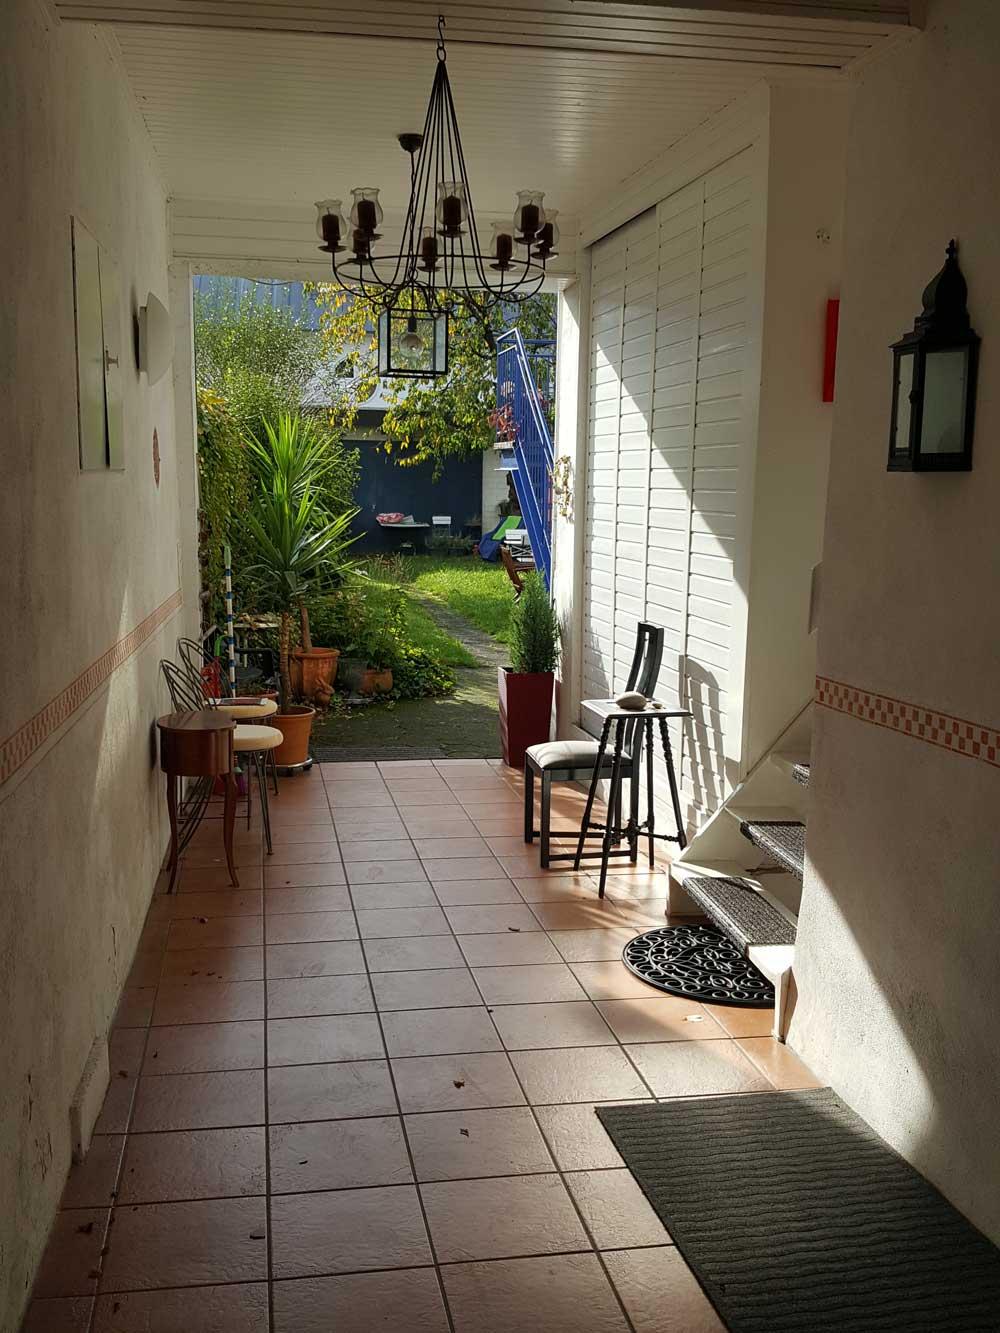 Das Bild zeigt den Gartenbereich